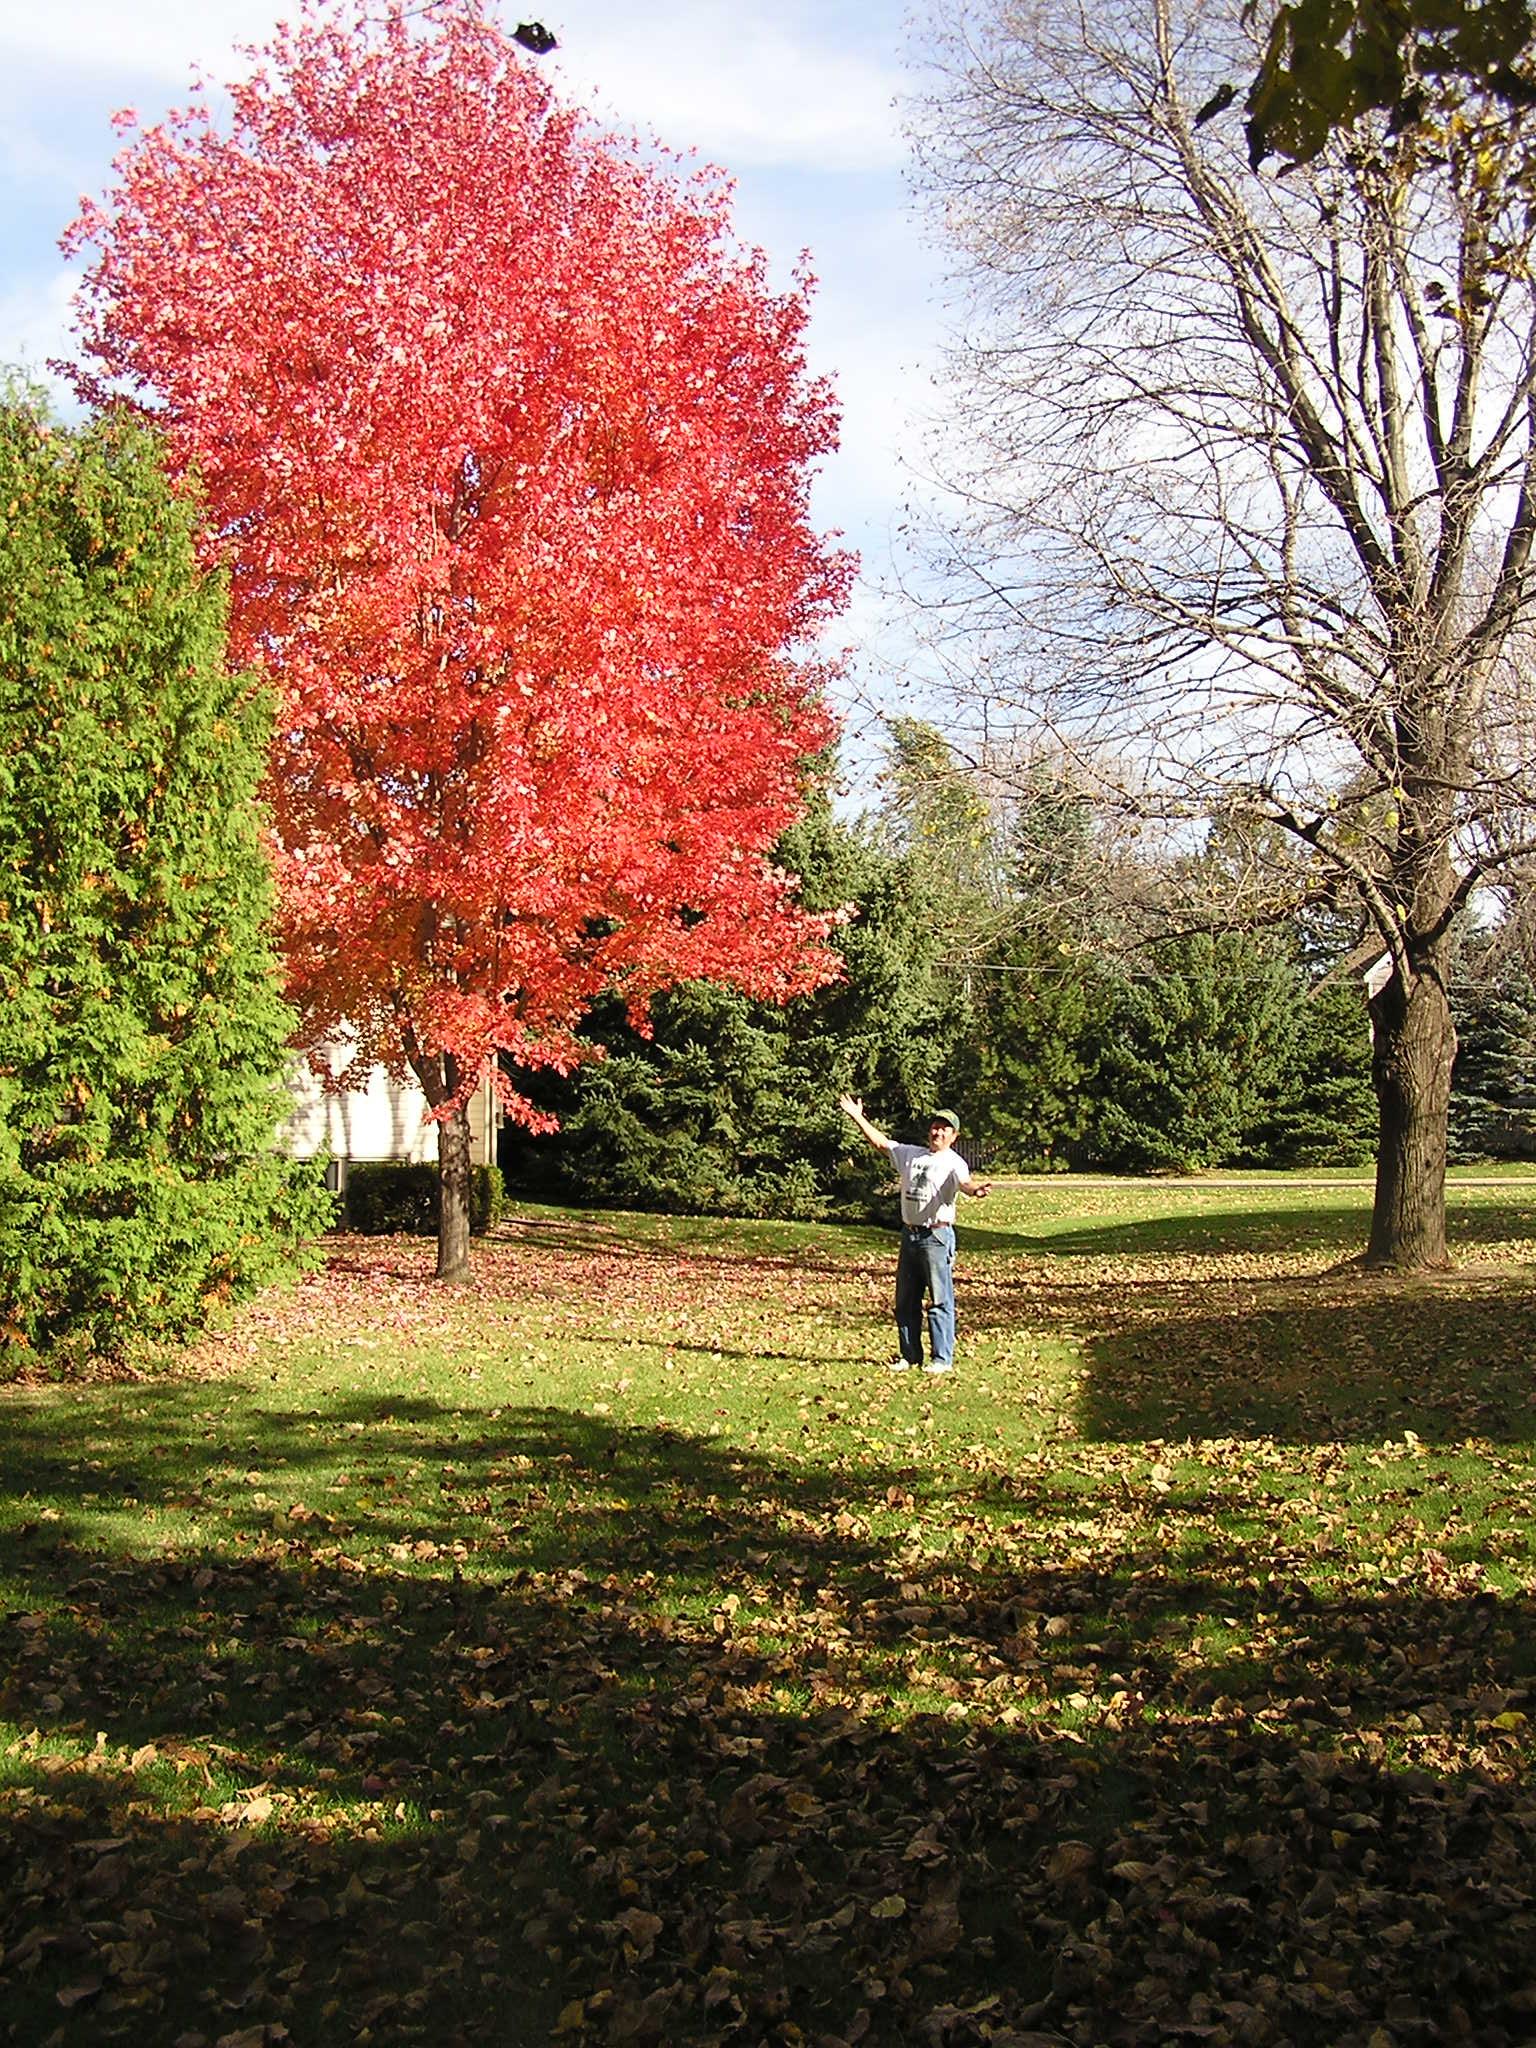 Mature autumn blaze maple